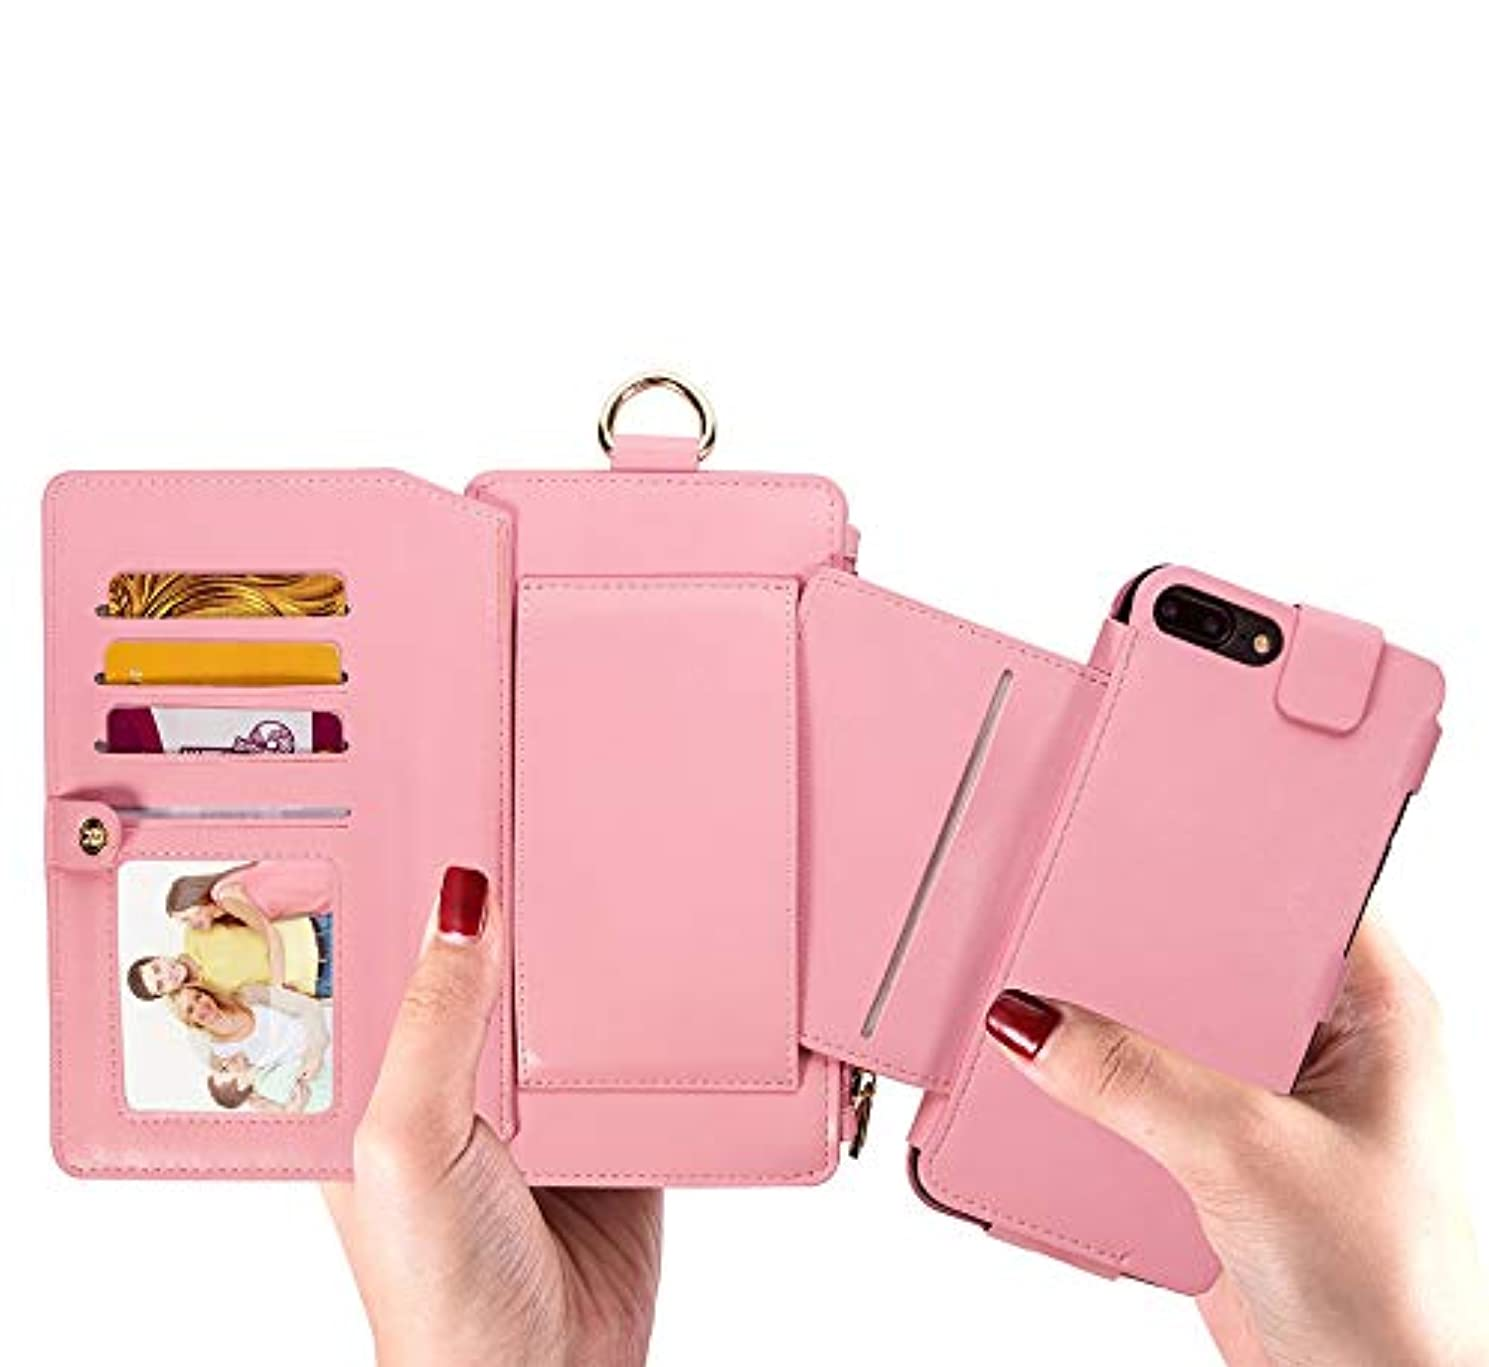 れる作業月曜iPhone 7 パソコンExit包保護套 - 折りたたみ保護袖 - 立ちブラケット-ビジネススタイル-全身保護-内殻金属リング-12札入れ-相枠-取り外し可能な電話ケース財布 4.7インチiPhone 7 / iPhone 8、ピンクに最適